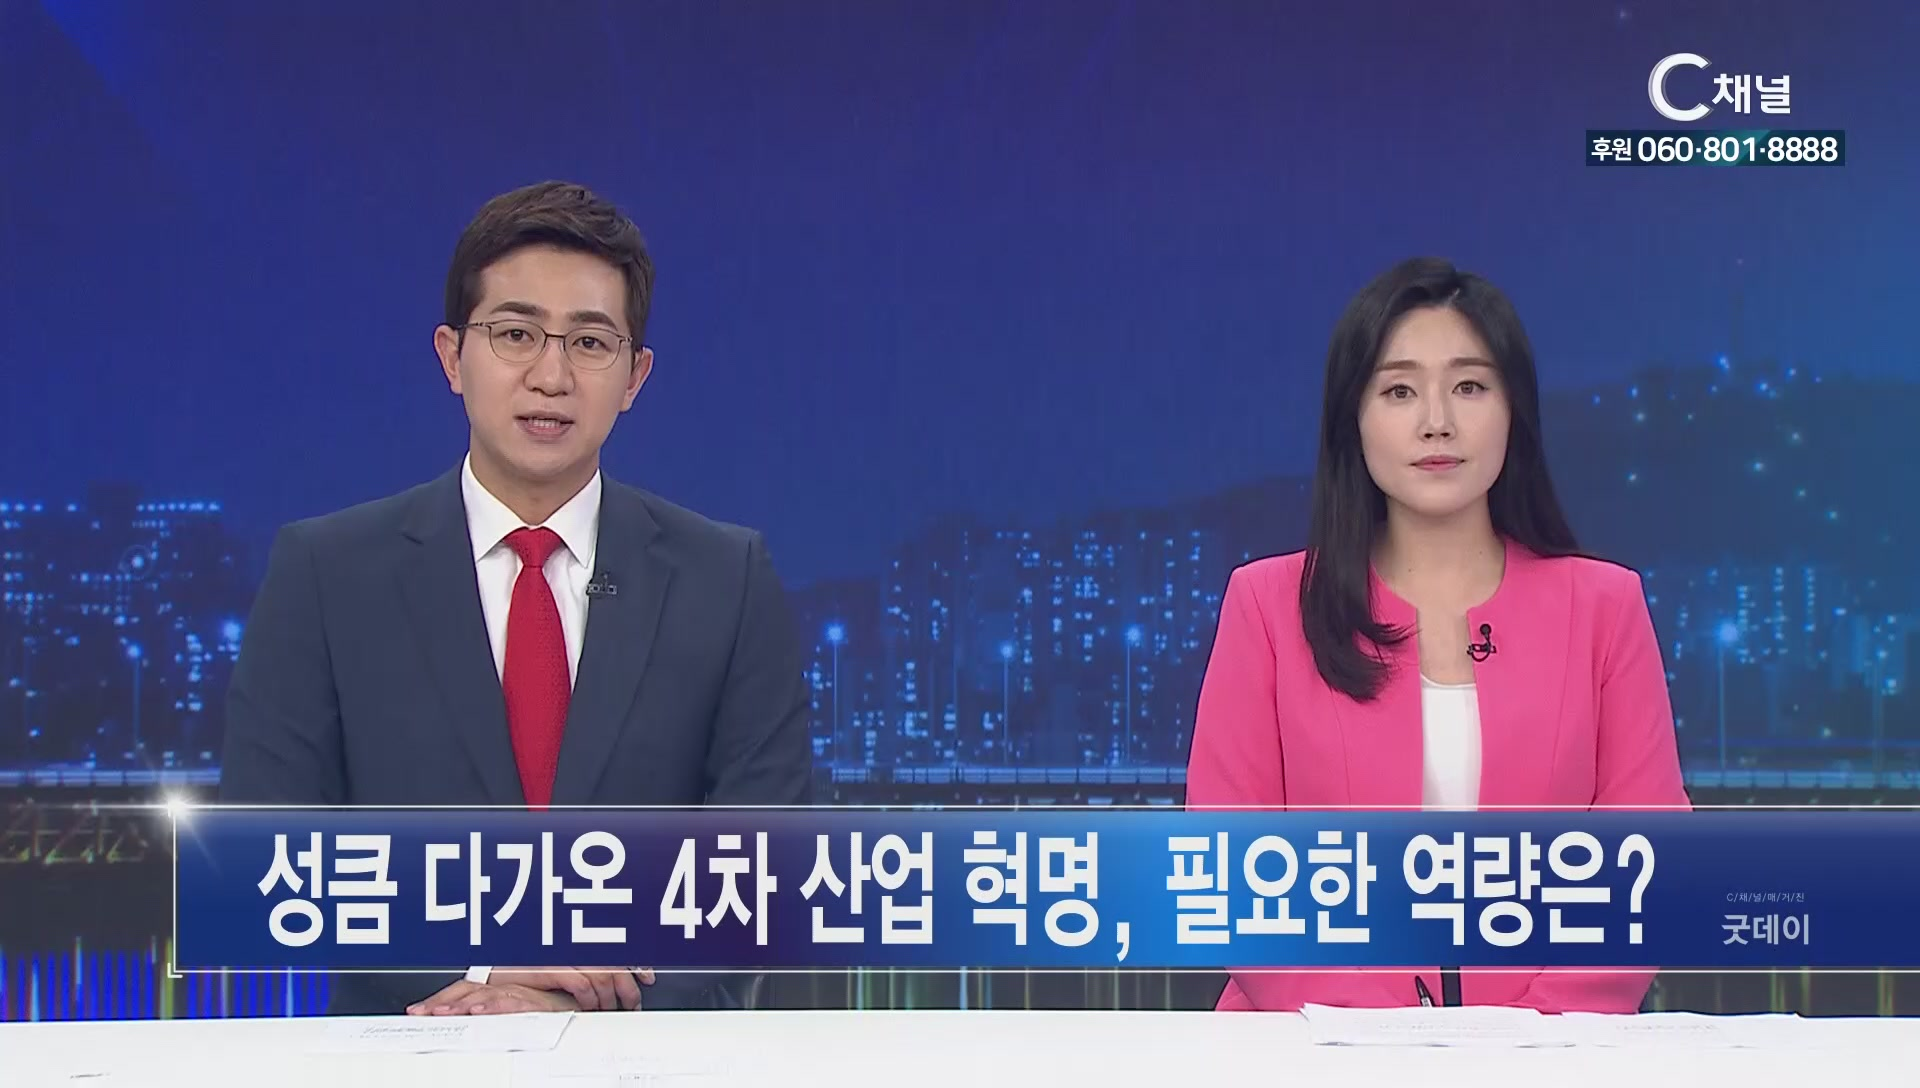 C채널 매거진 굿데이 2019년 06월 12일 C채널 뉴스